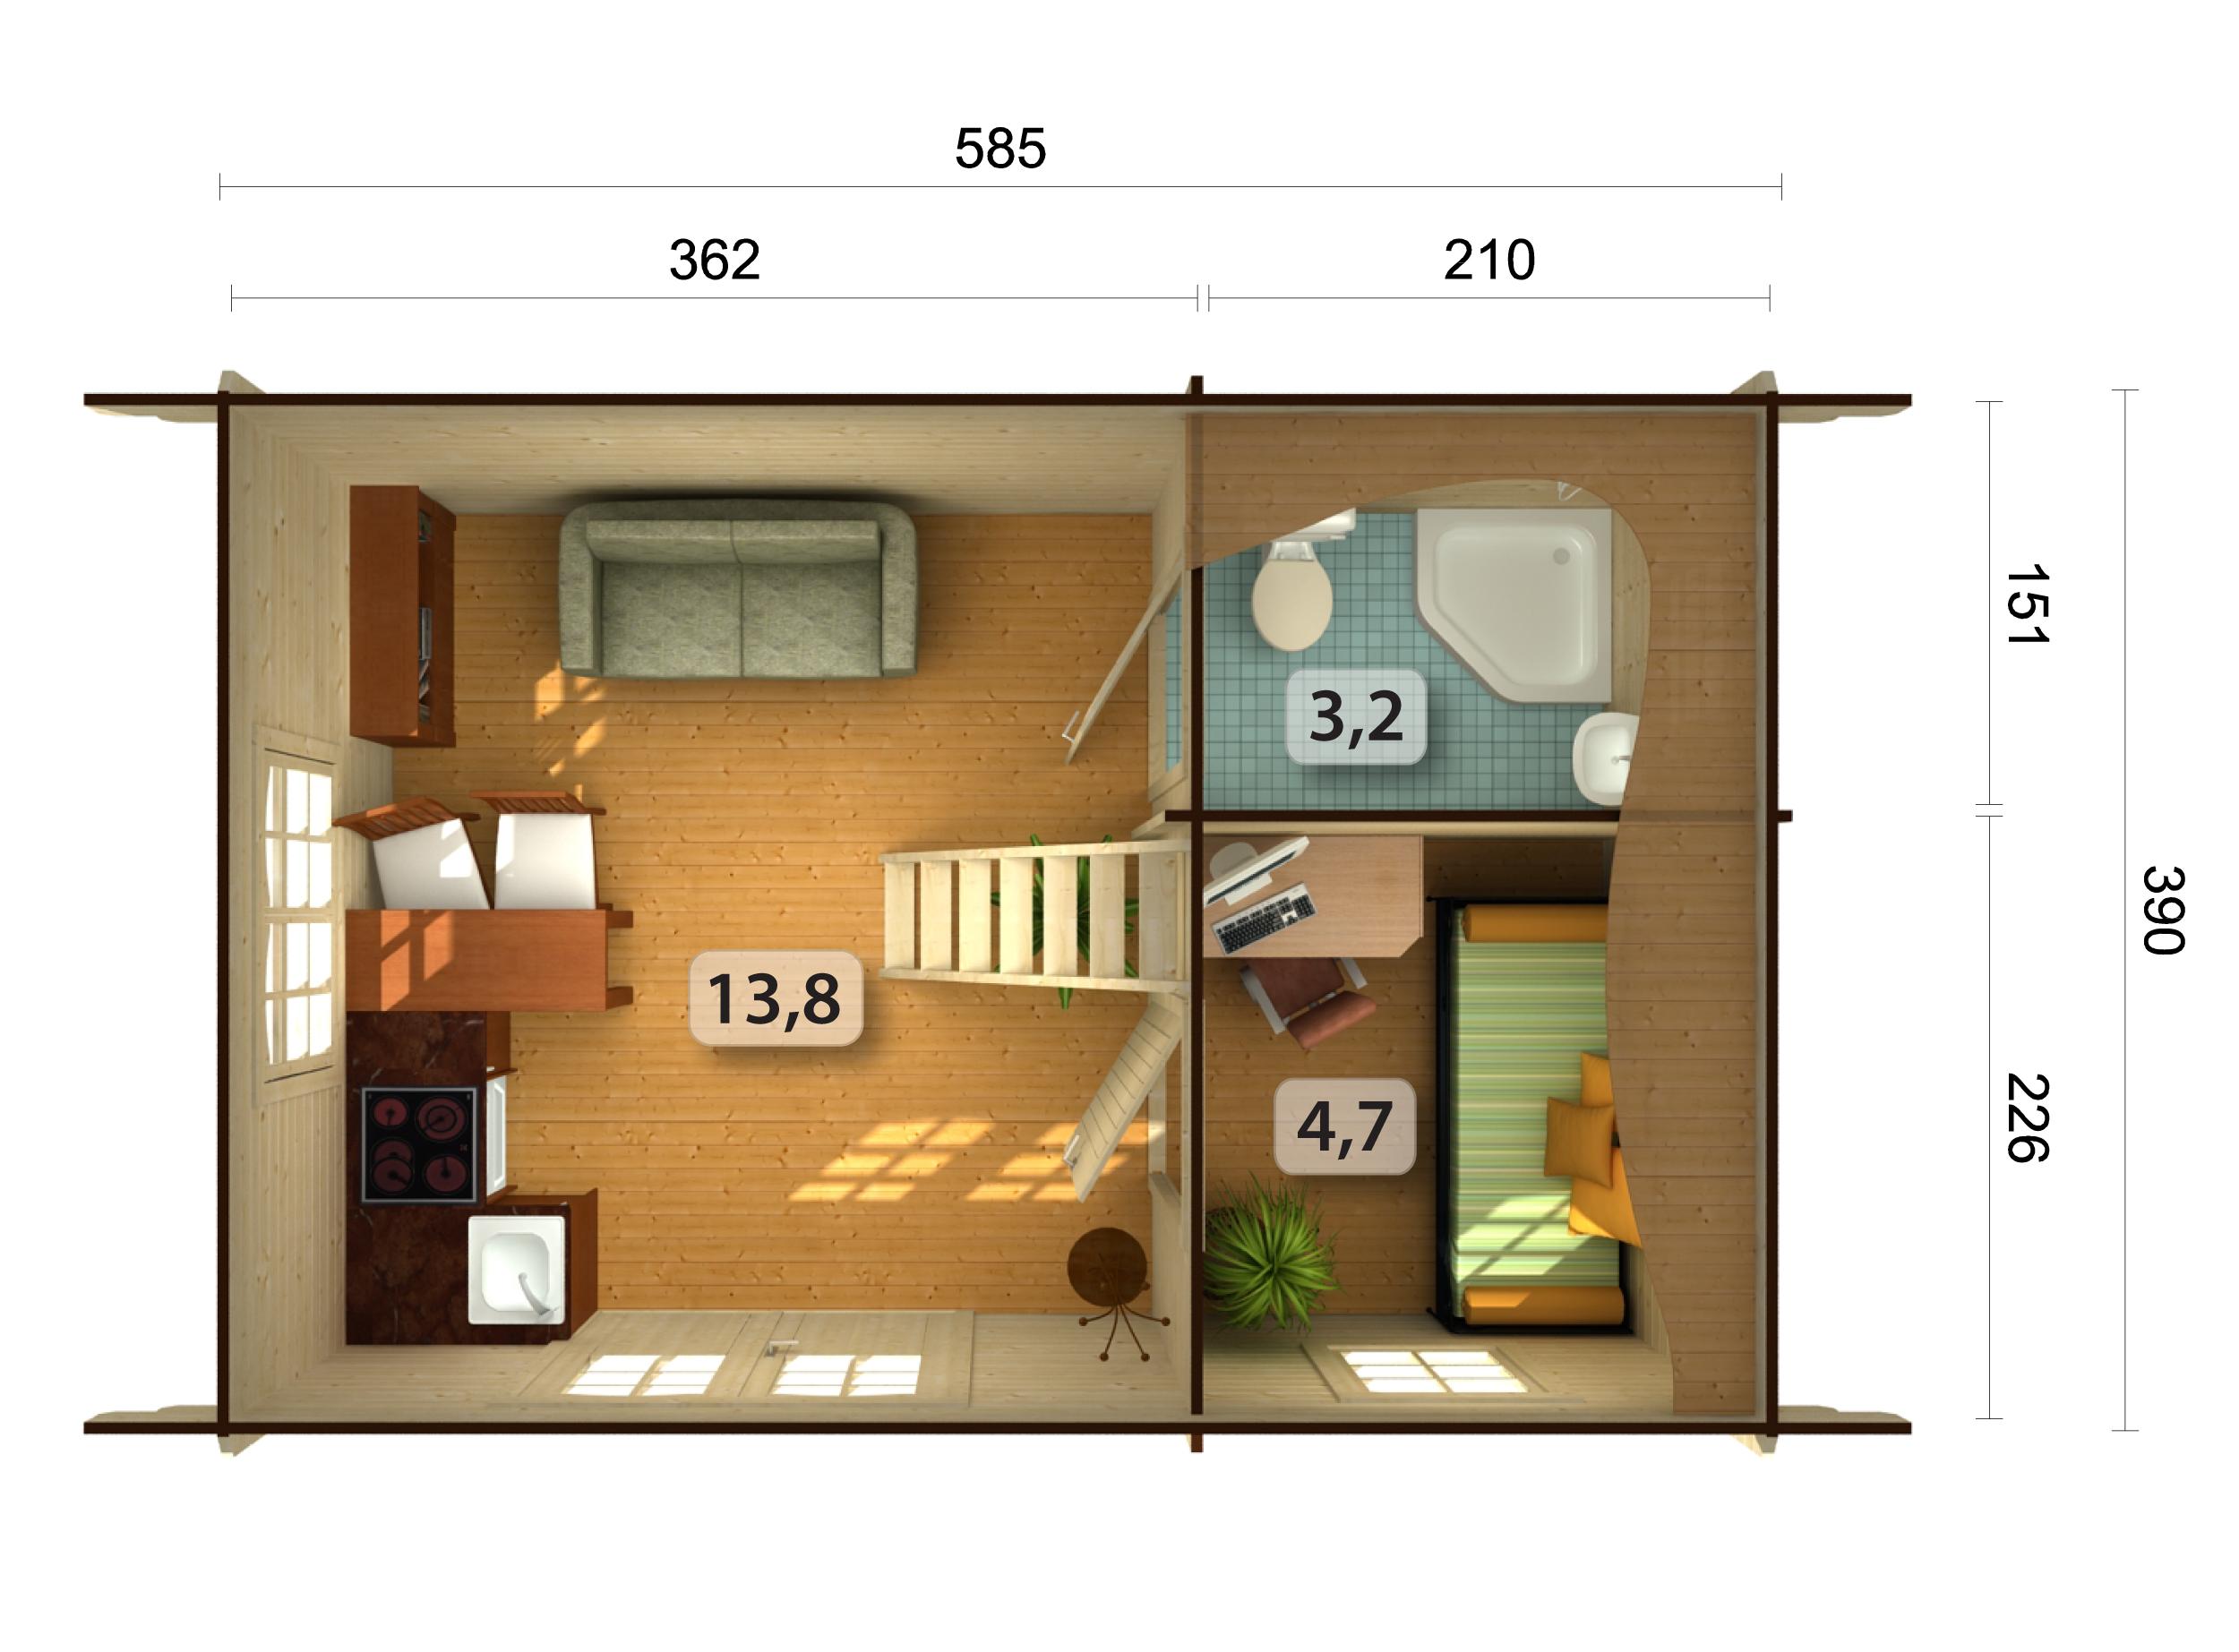 gartenhaus holz mit schlafboden. Black Bedroom Furniture Sets. Home Design Ideas